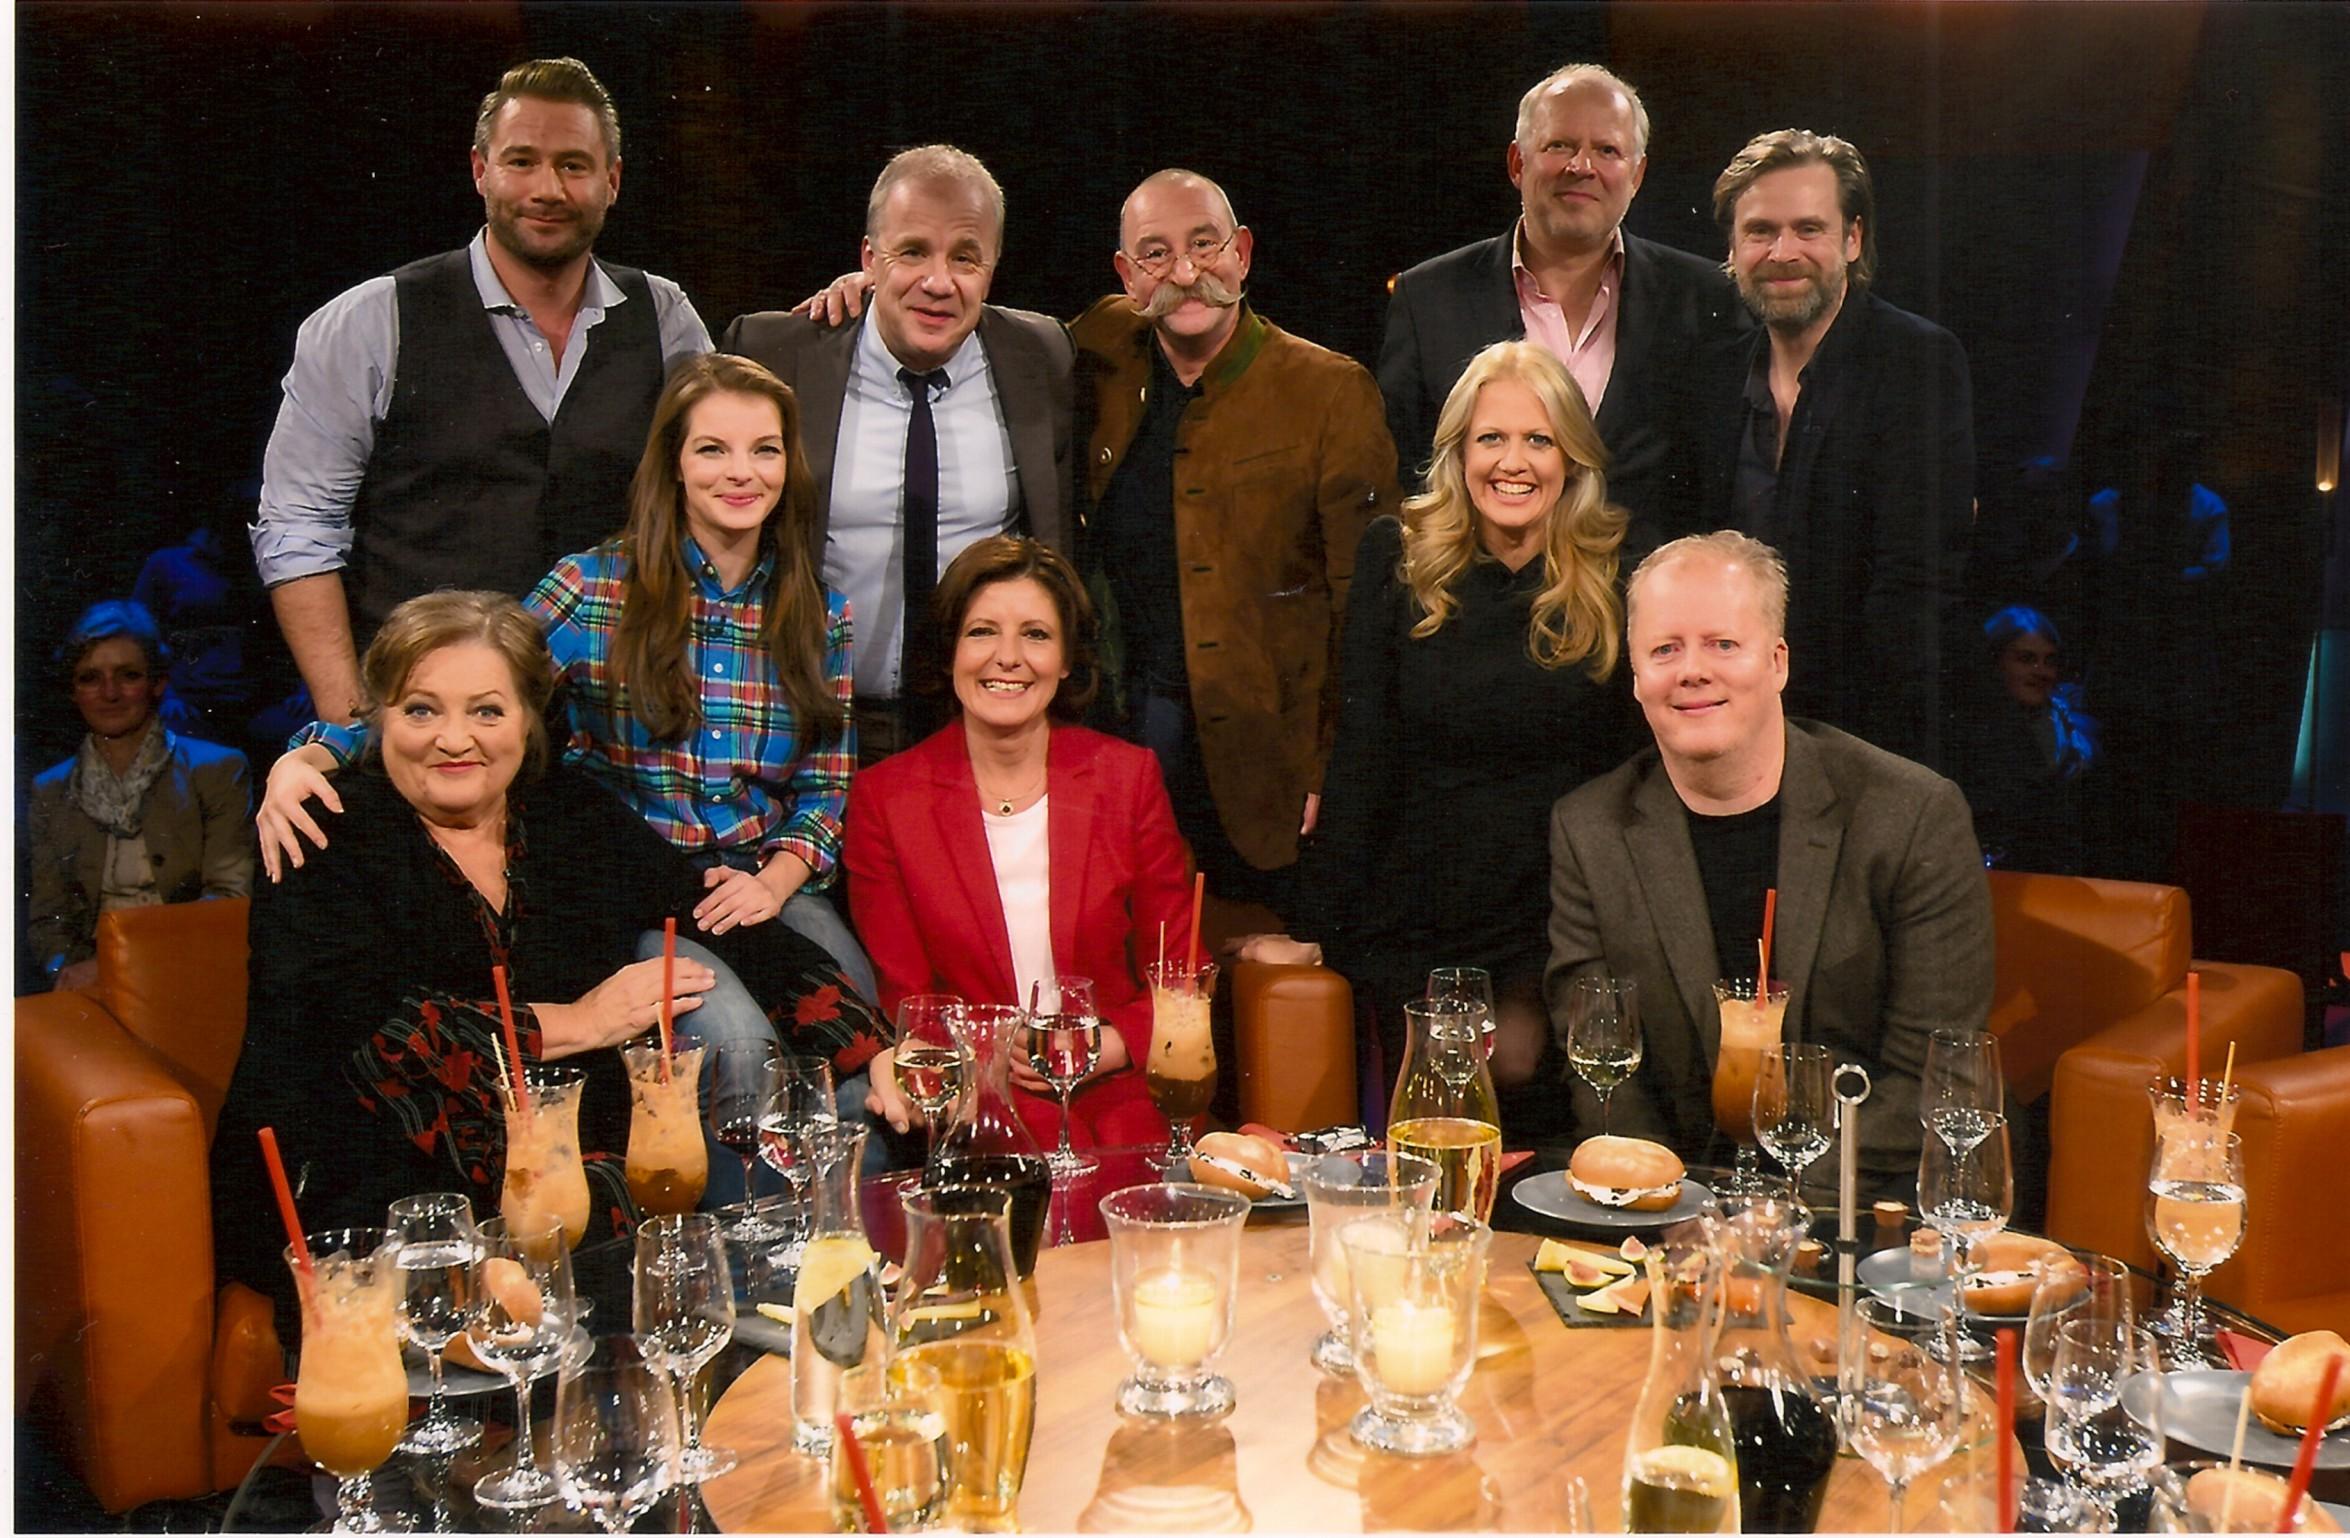 John doyle stand up comedy in englisch und deutsch galerie ndr talkshow Moderatoren ndr talkshow